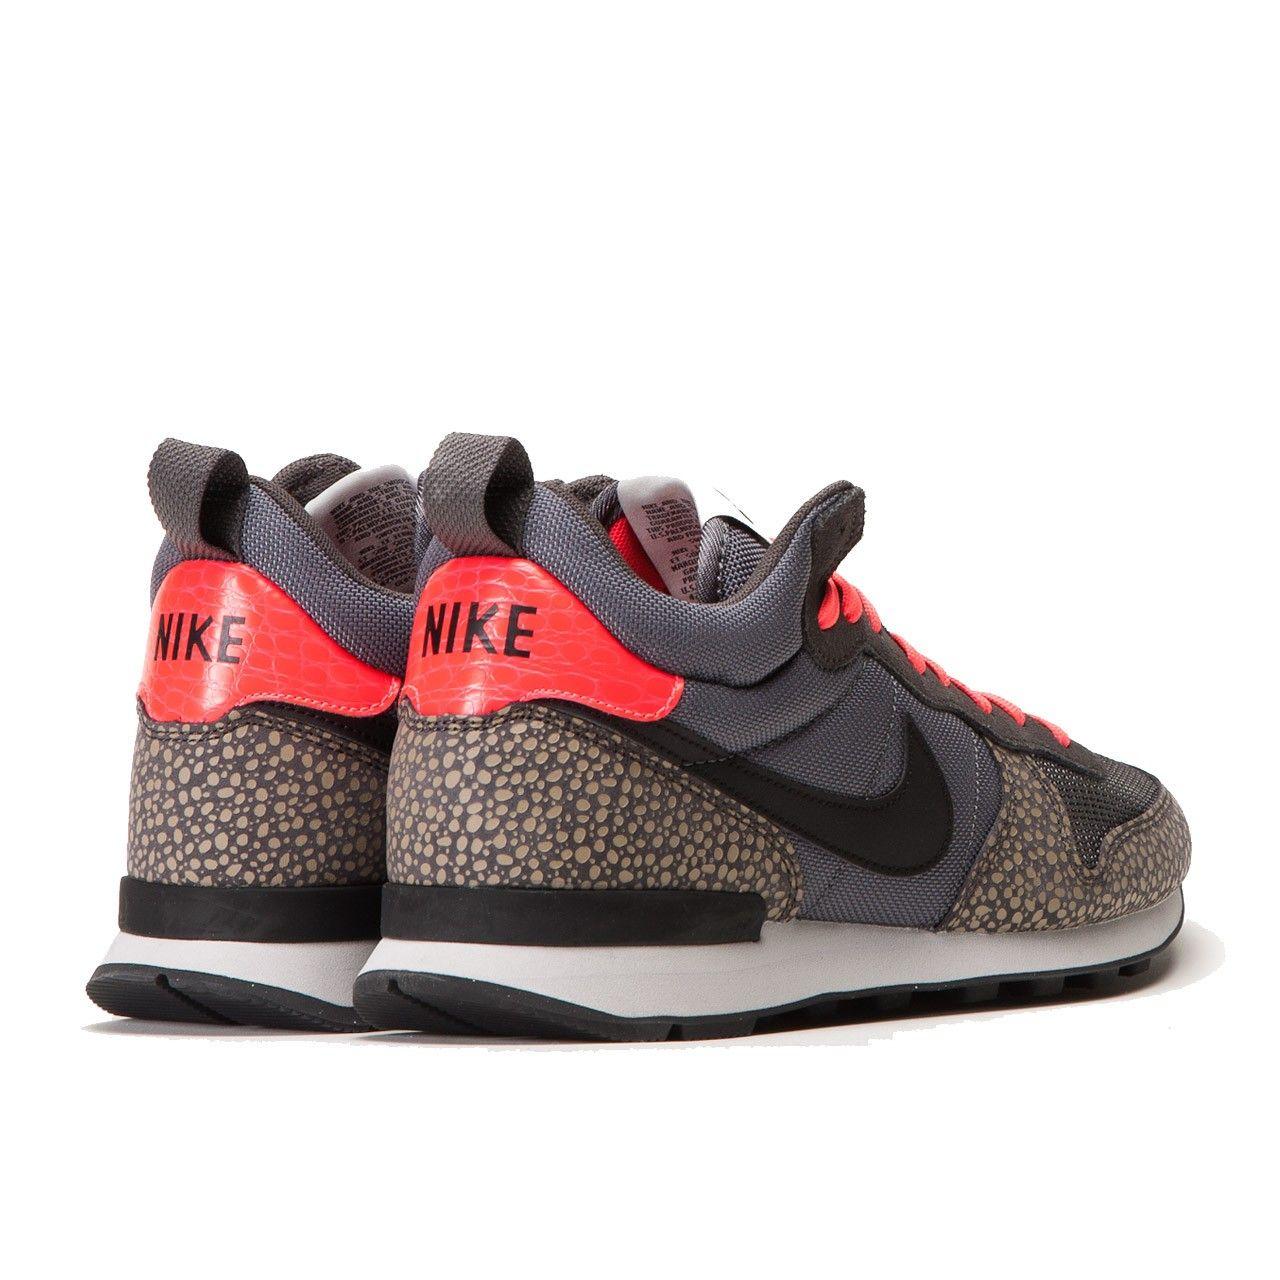 meet d9ef1 9f533 Nike Internationalist Mid PRM (Cool Grey   Black) 682843-002